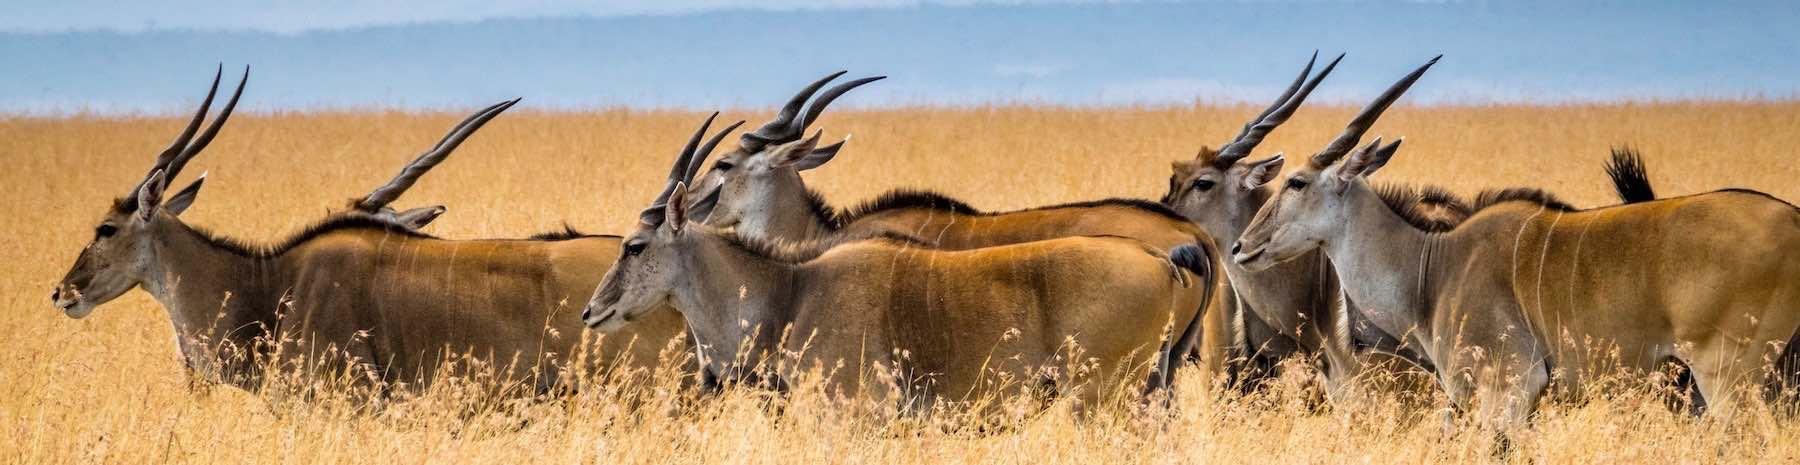 Sustainable-Wildlife-Conservation-Huntin